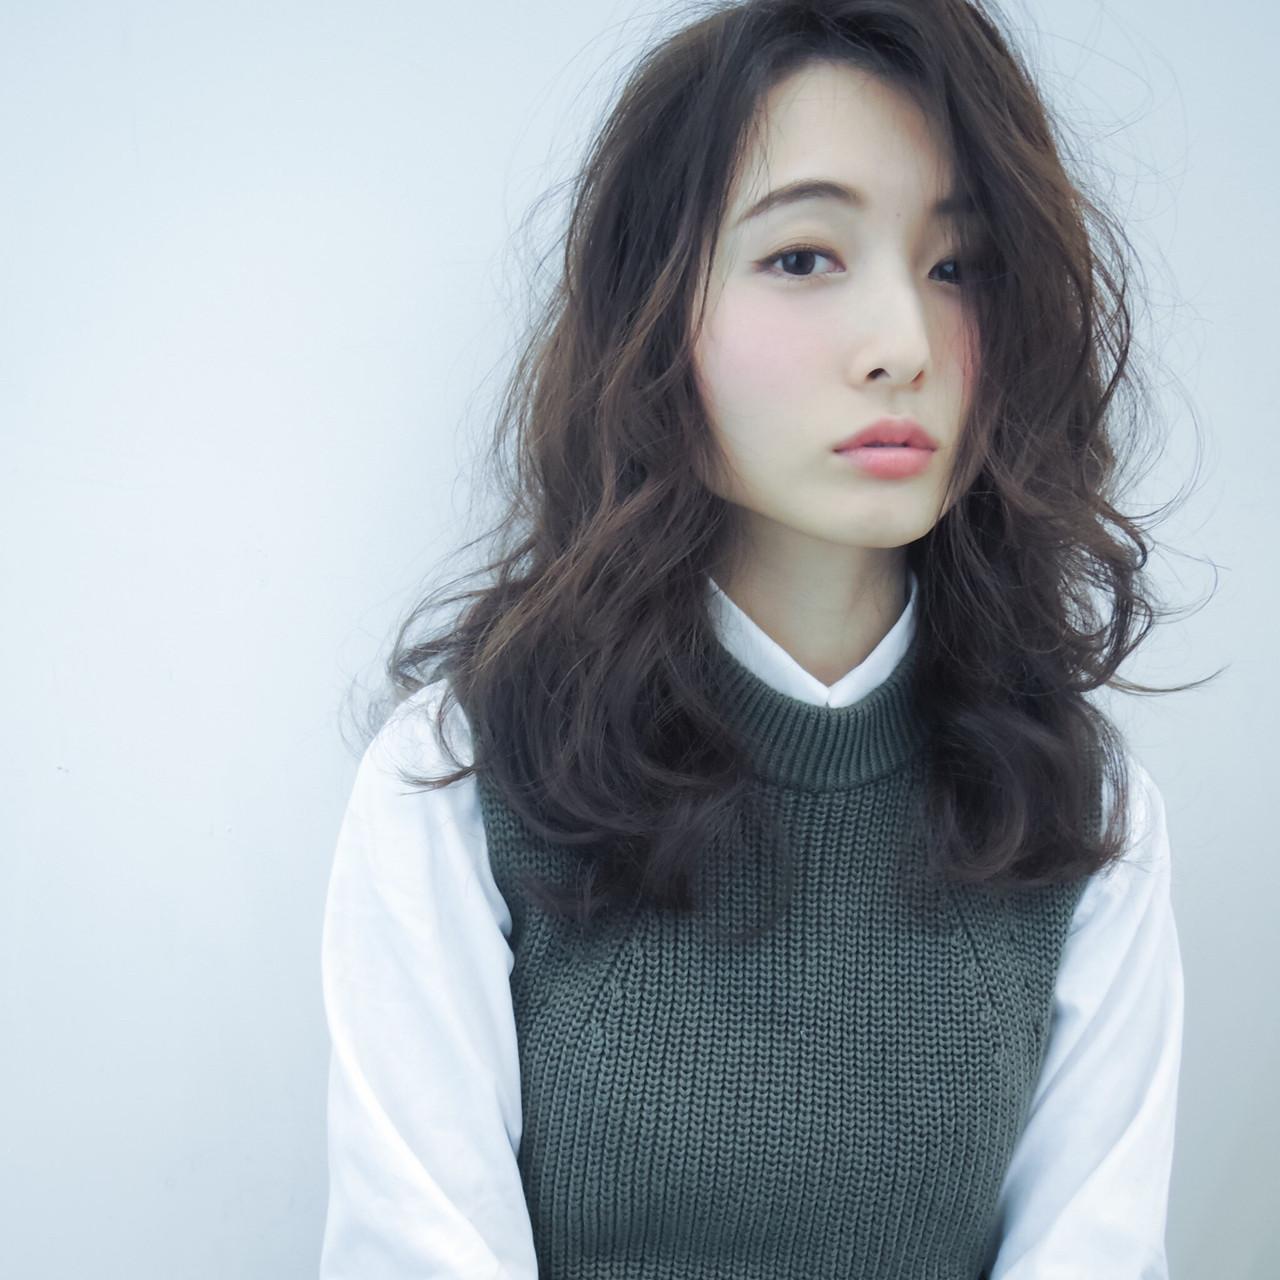 ゆるふわ パーマ ハイライト ナチュラル ヘアスタイルや髪型の写真・画像   吉川 ミチオ / SHIKIO  HAIR DESIGN 天神・大名・赤坂・警固